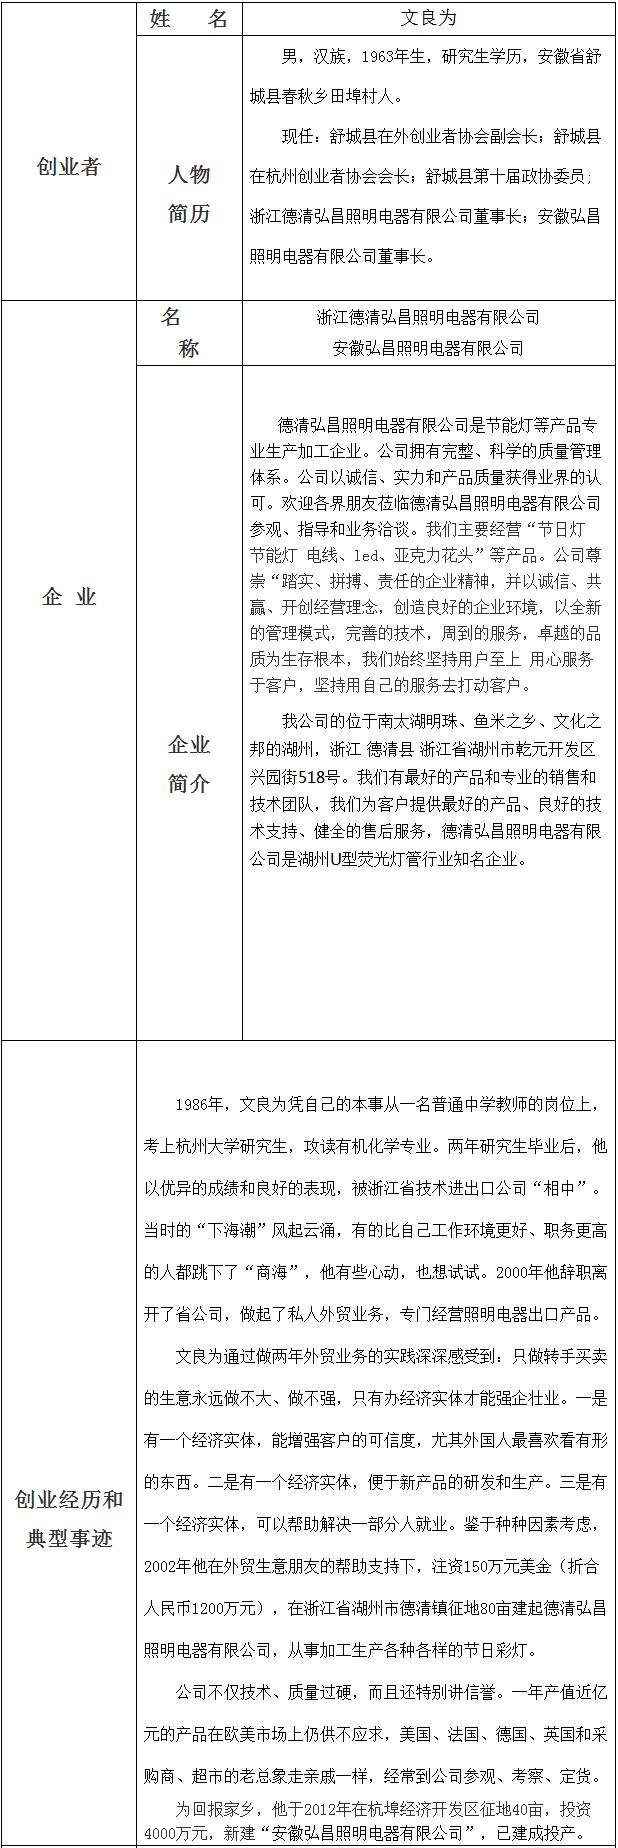 文良为-浙江德清弘昌照明电器有限公司